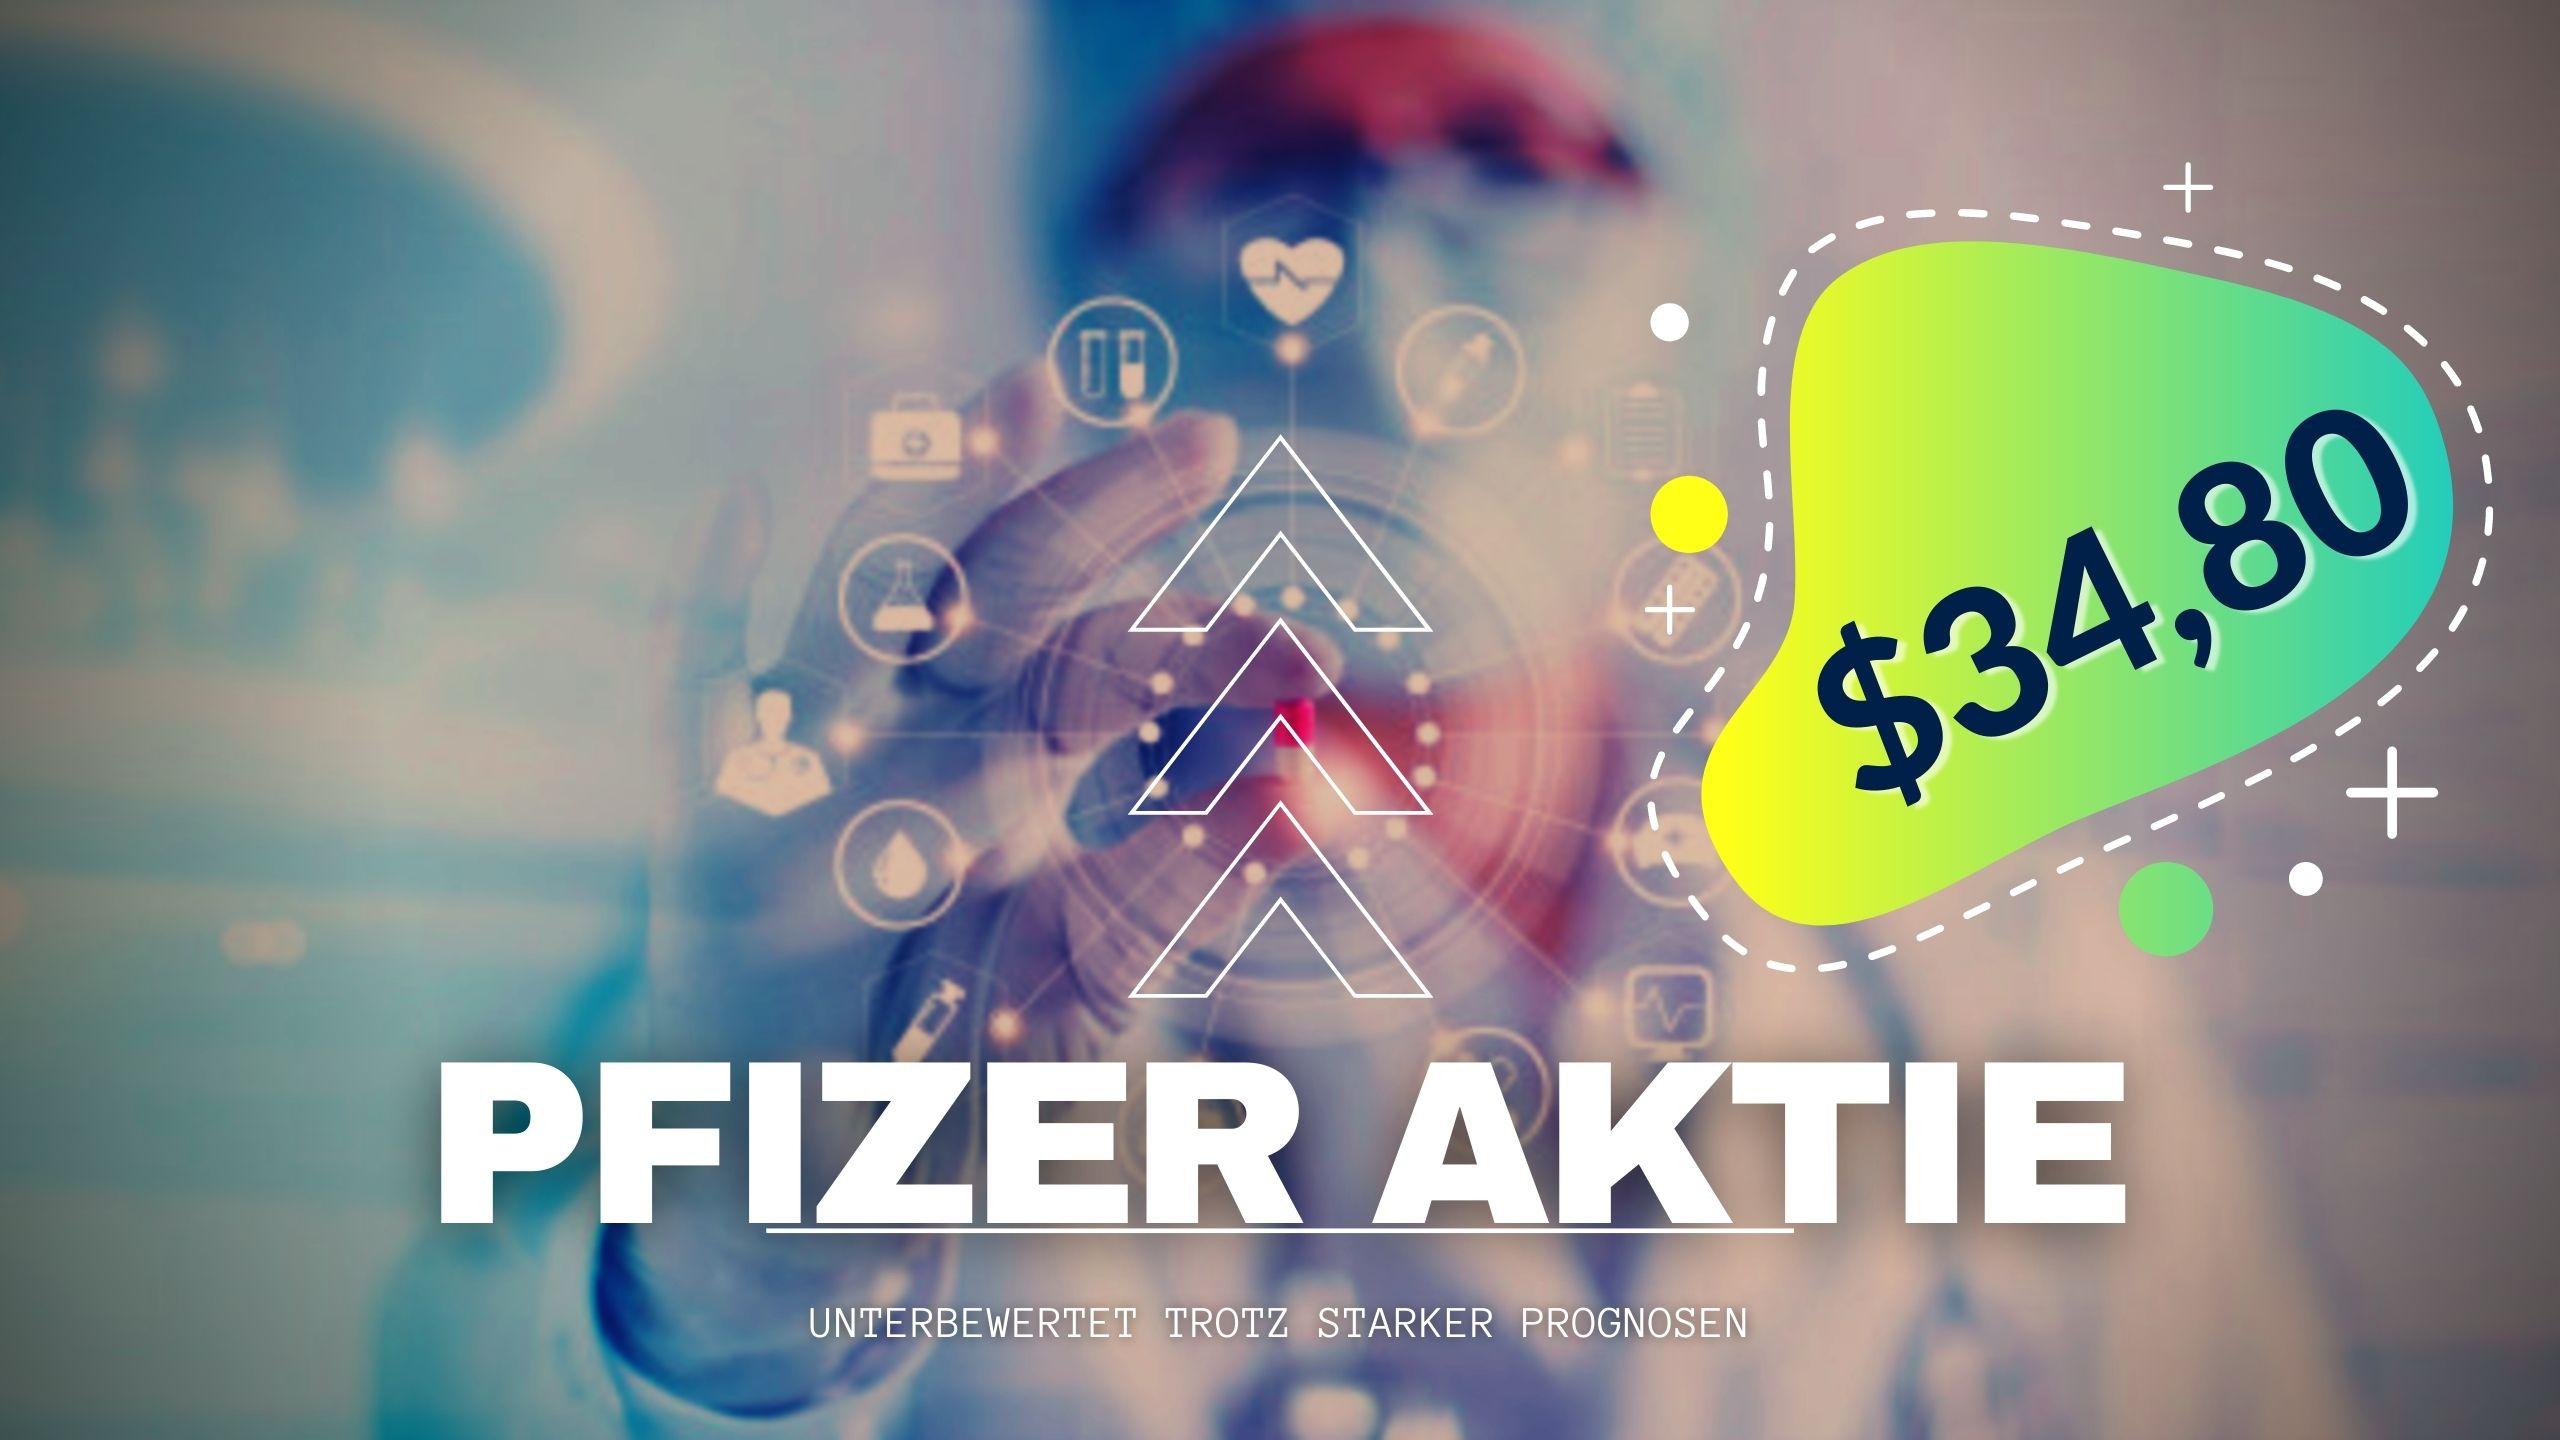 Pfizer Aktie kaufen 2021 - Aktien-Analyse